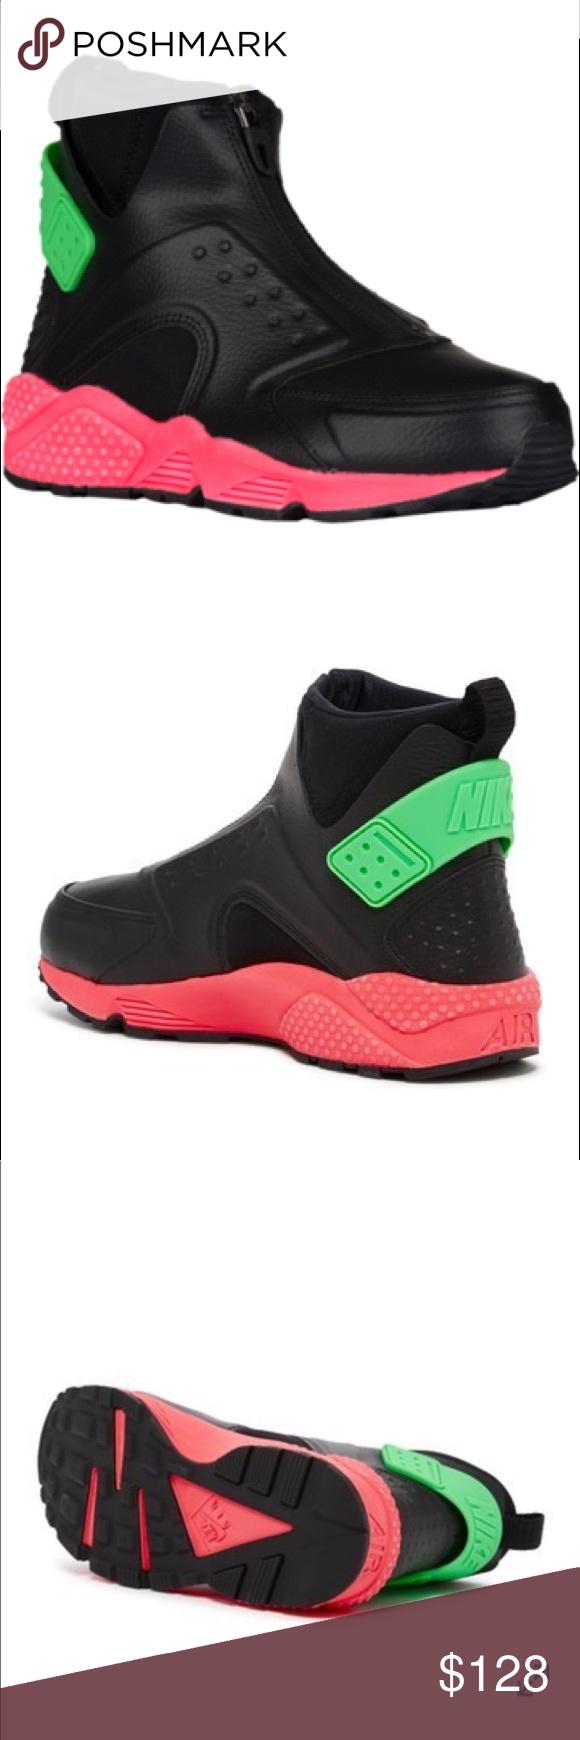 NIKE: Air Huarache Run Mid Sneaker